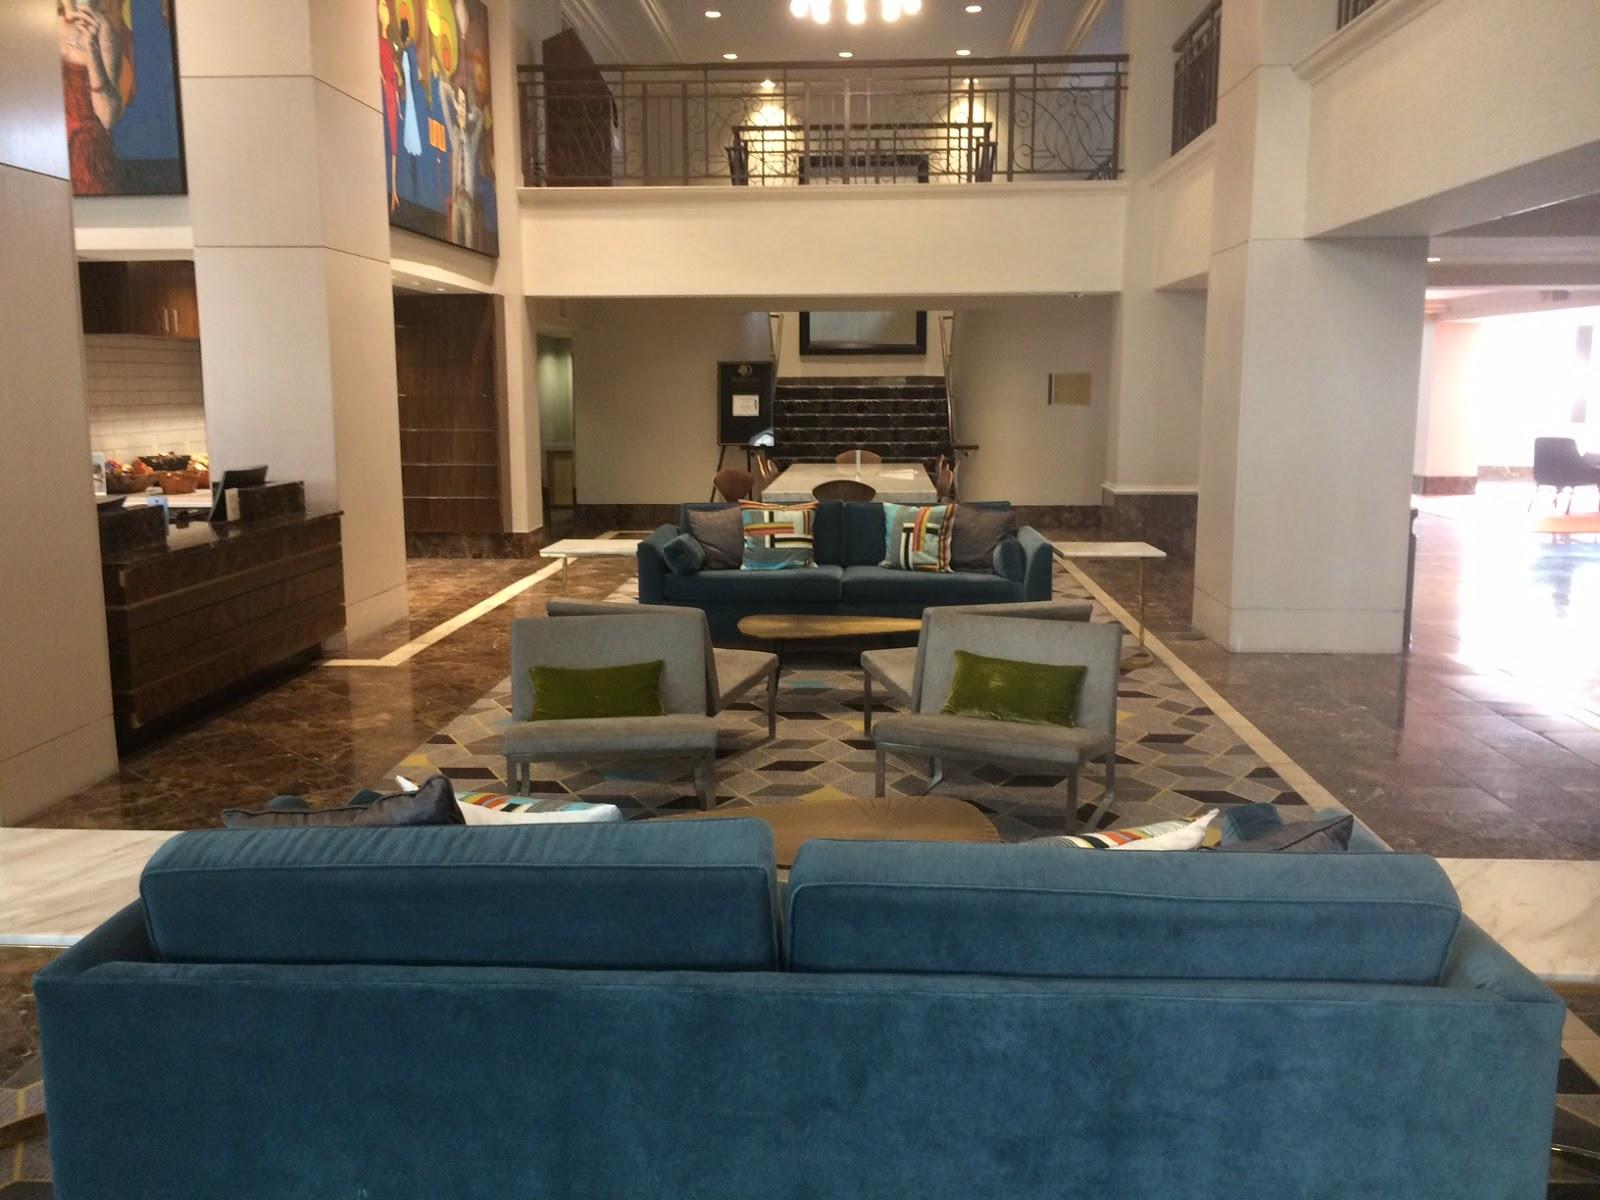 Tomorrow 39 s news today atlanta mid century themed the for Hilton hotels near mercedes benz stadium atlanta